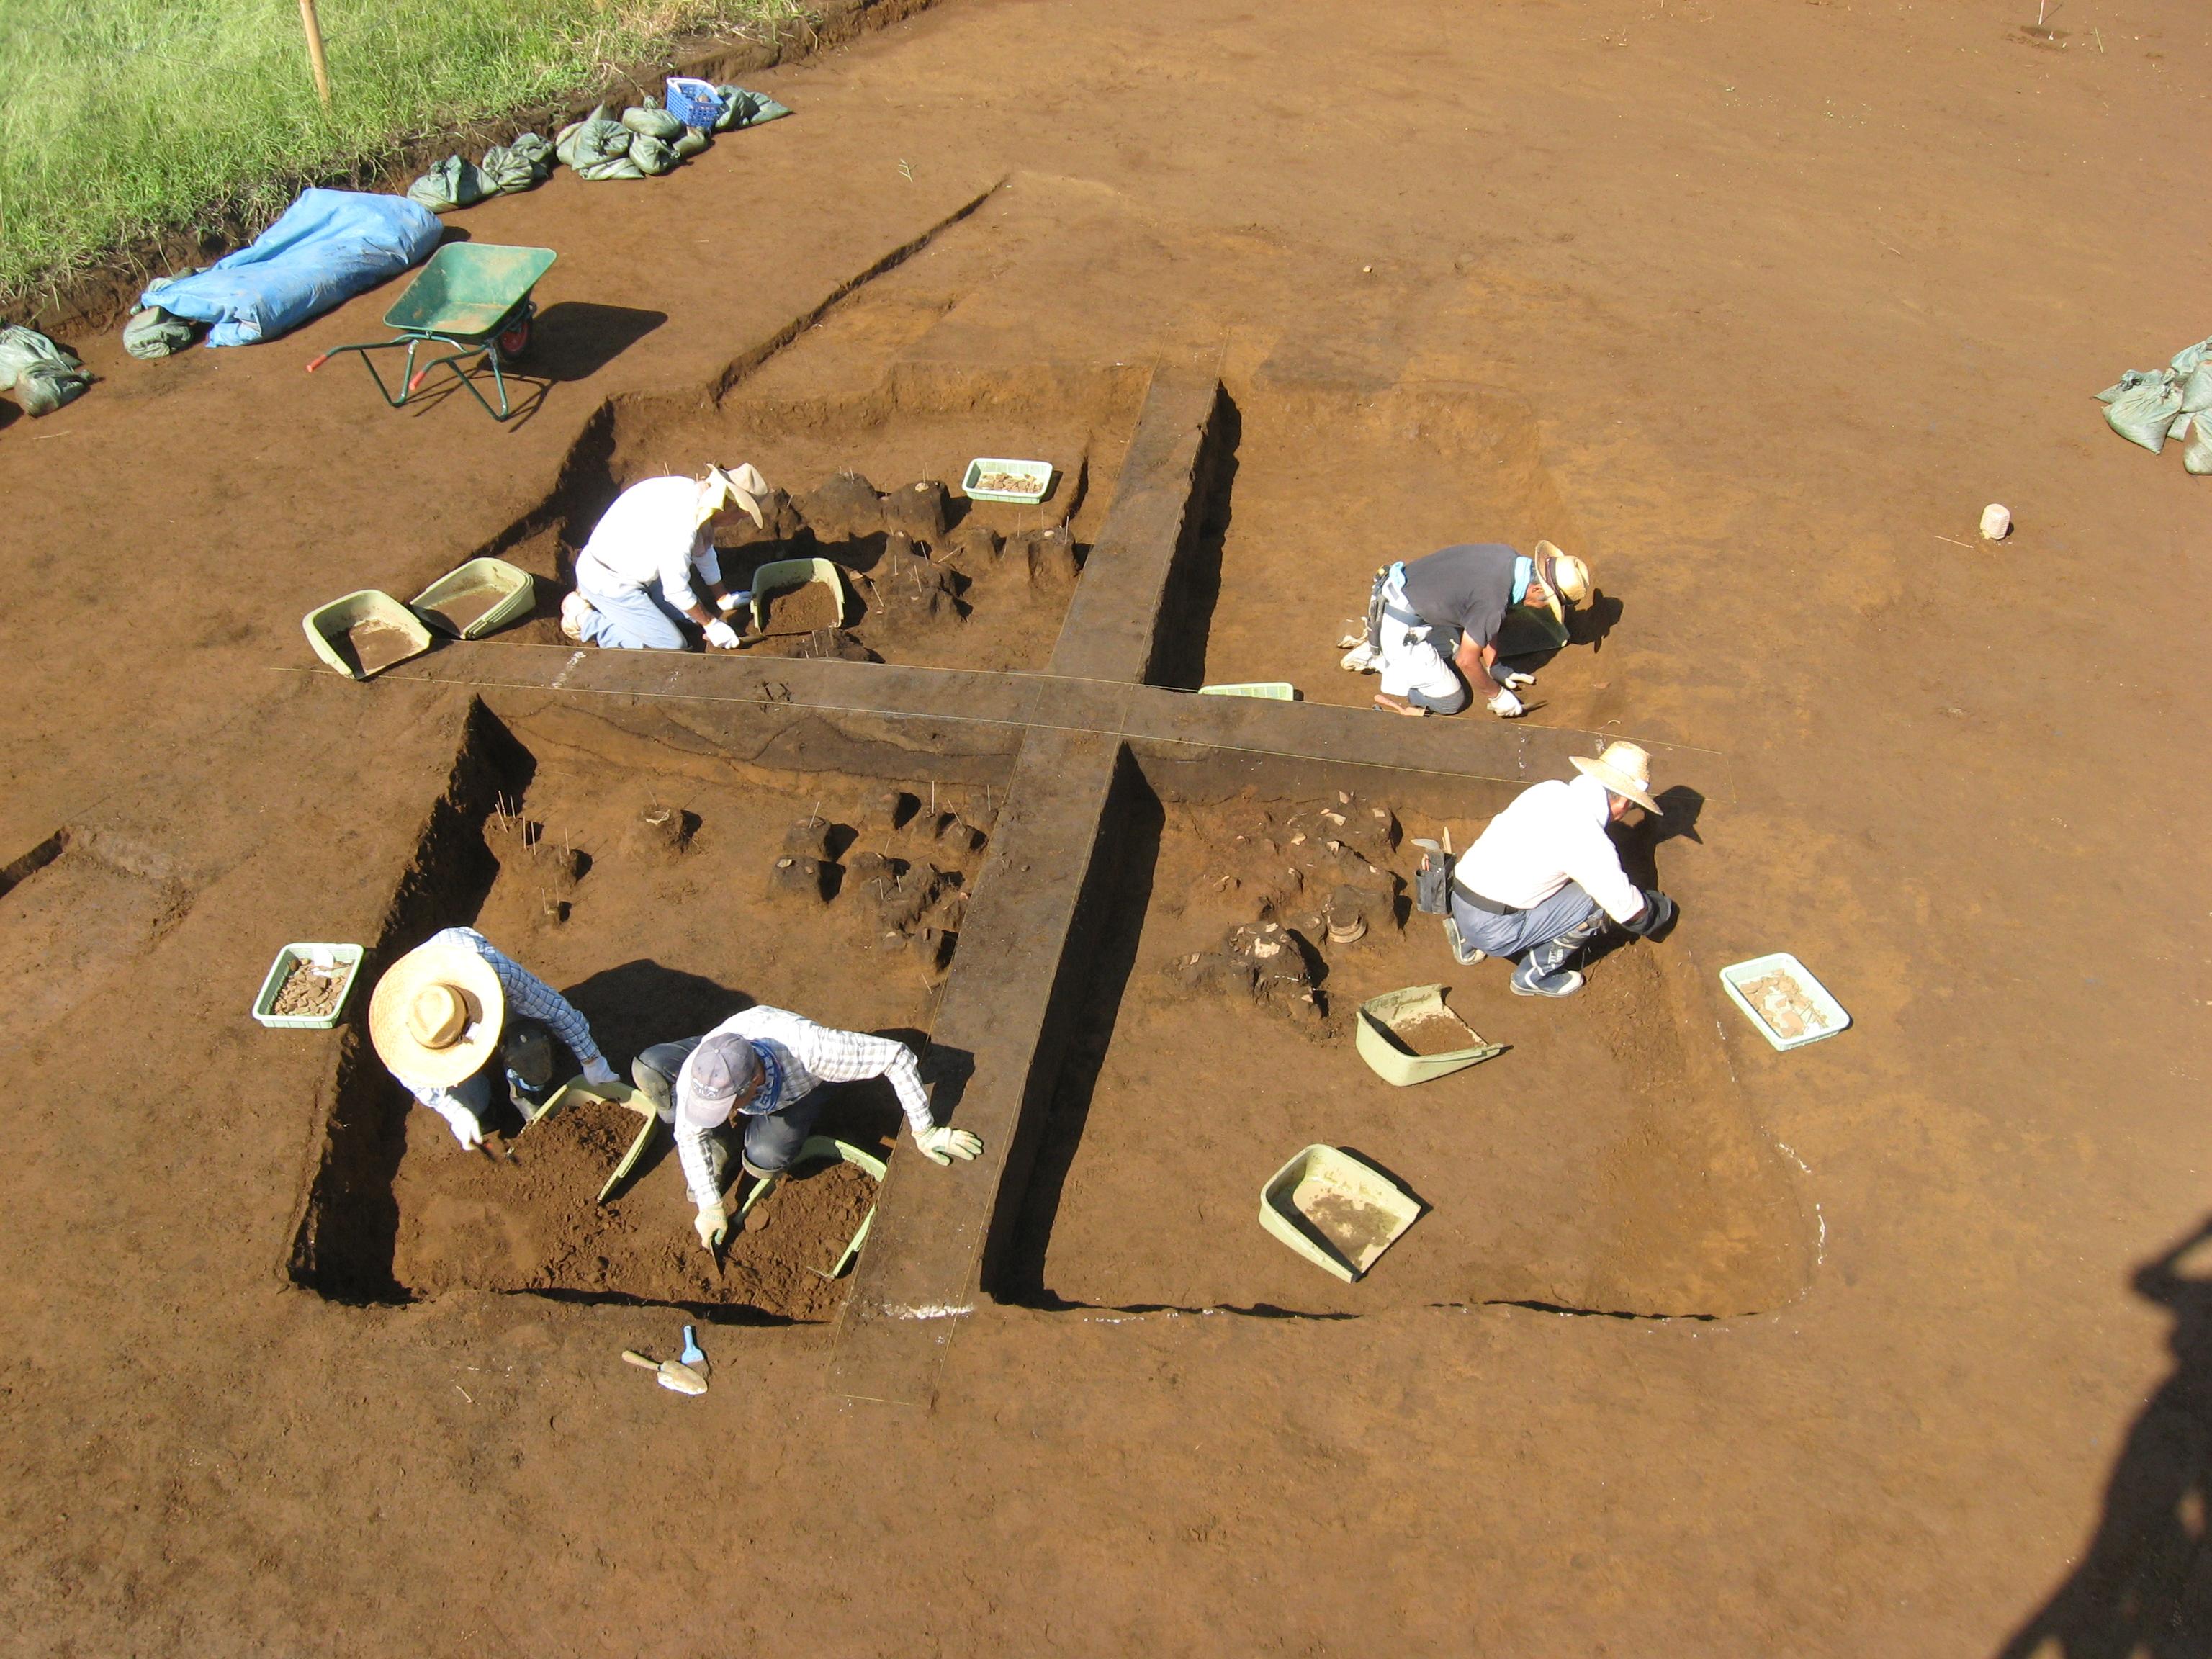 槙野地原遺跡:縄文時代前期住居跡